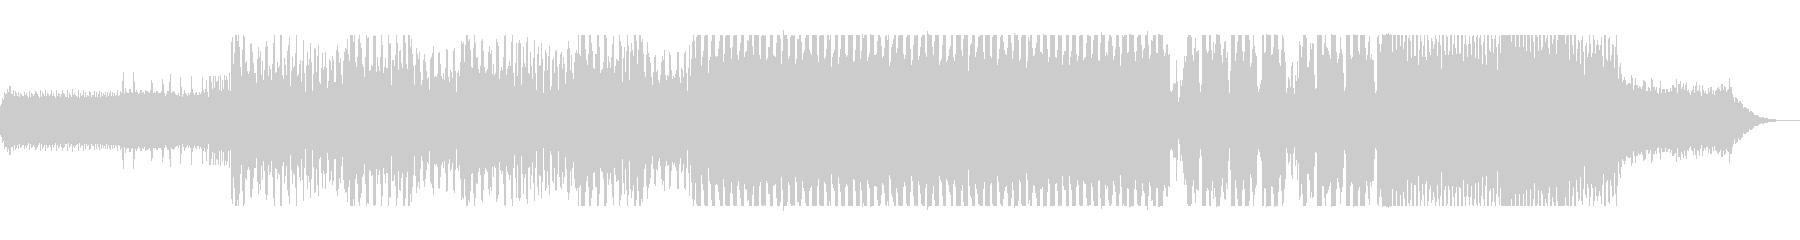 不思議なループ、浮遊感あるテクノの曲の未再生の波形